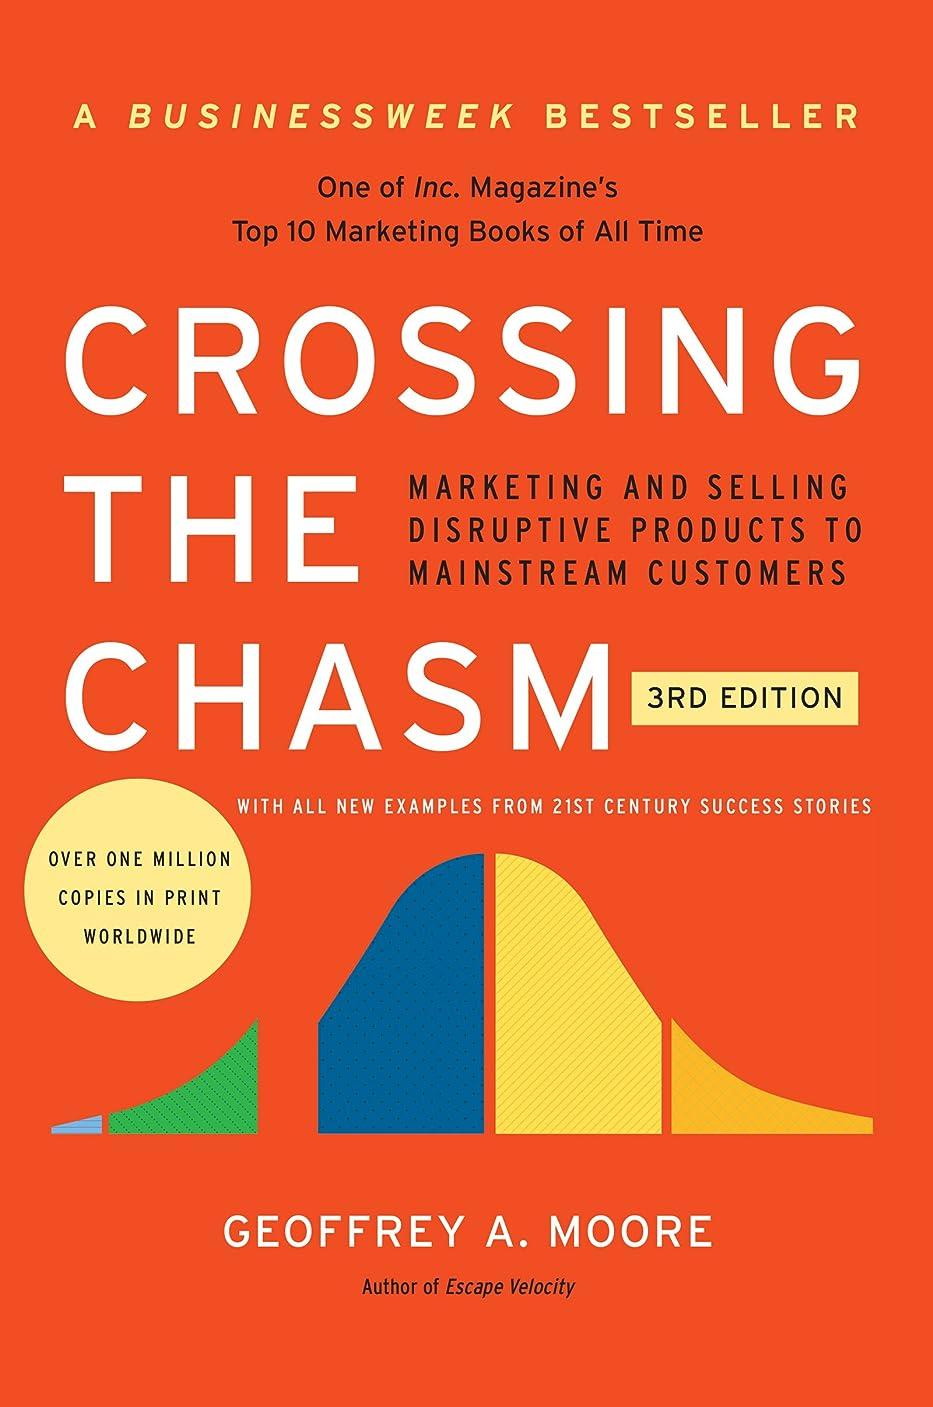 散らすタヒチはっきりしないCrossing the Chasm, 3rd Edition: Marketing and Selling Disruptive Products to Mainstream Customers (Collins Business Essentials) (English Edition)